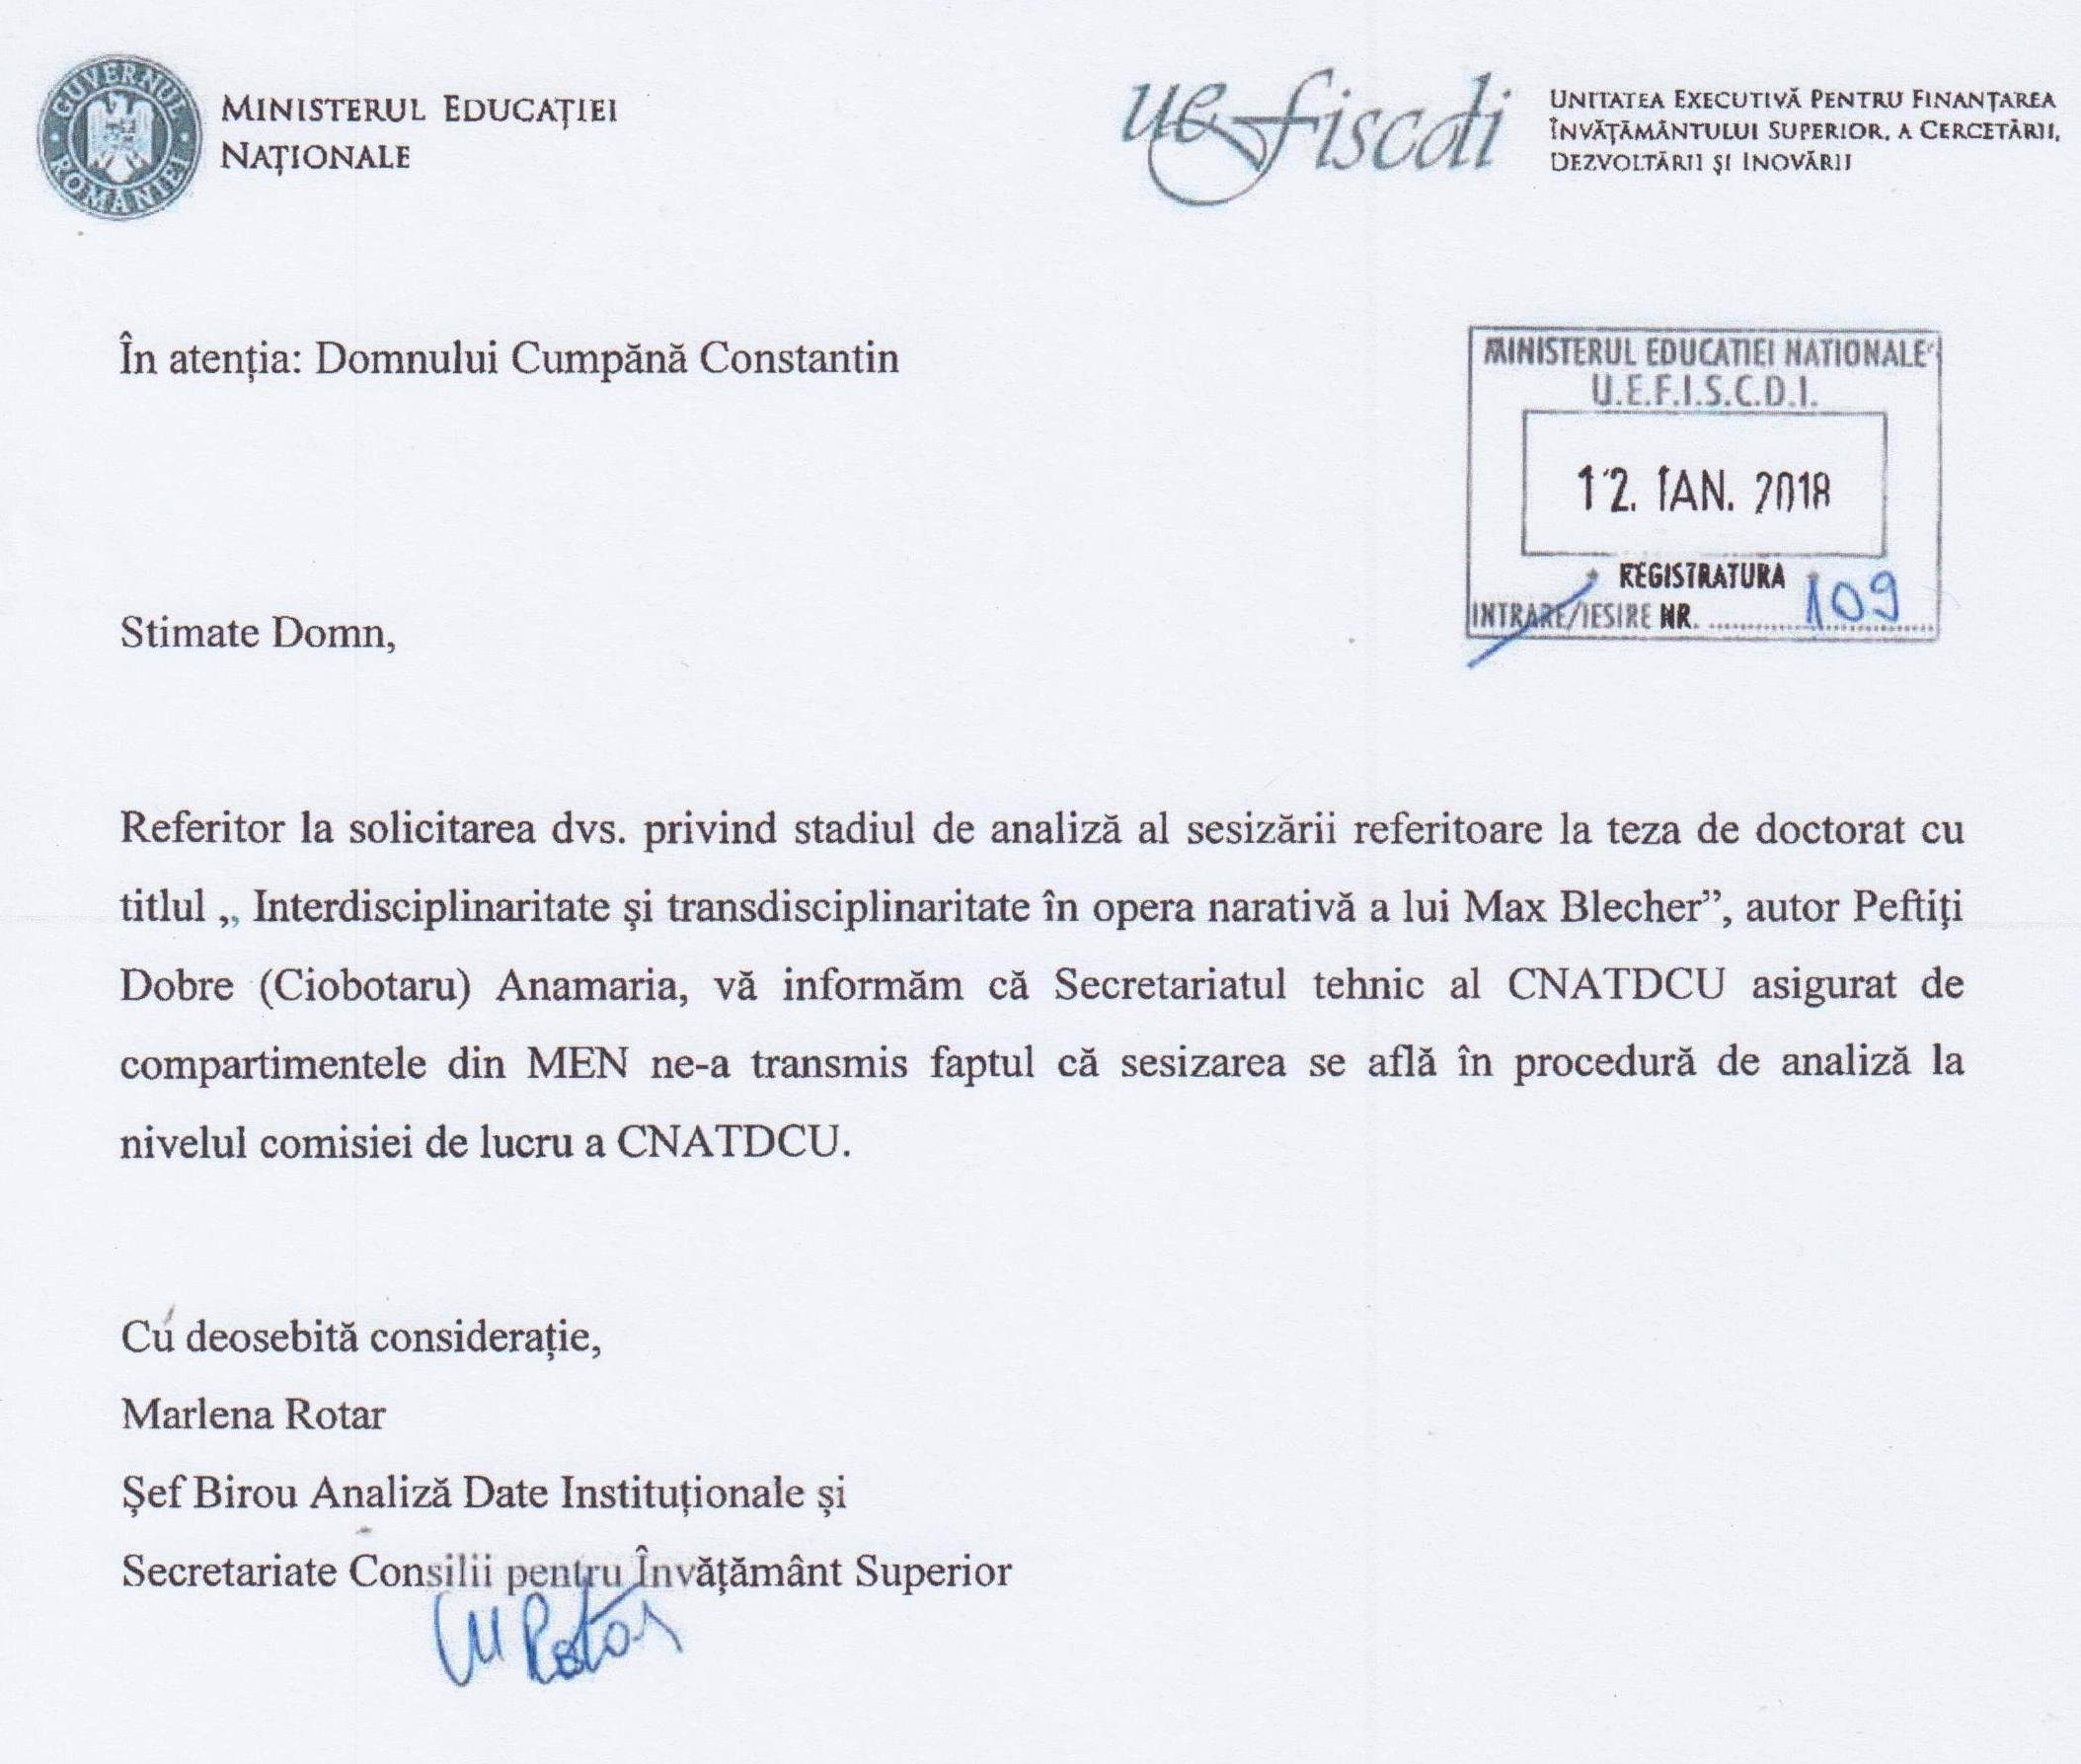 La data de 12 ianuarie 2018, U.E.F.I.S.C.D.I. comunică publicației REZISTENTA.ro că Secretariatul Tehnic al CNATDCU confirmă că lucrarea suspectă de plagiat/ autoplagiat se află în procedură de analiză.